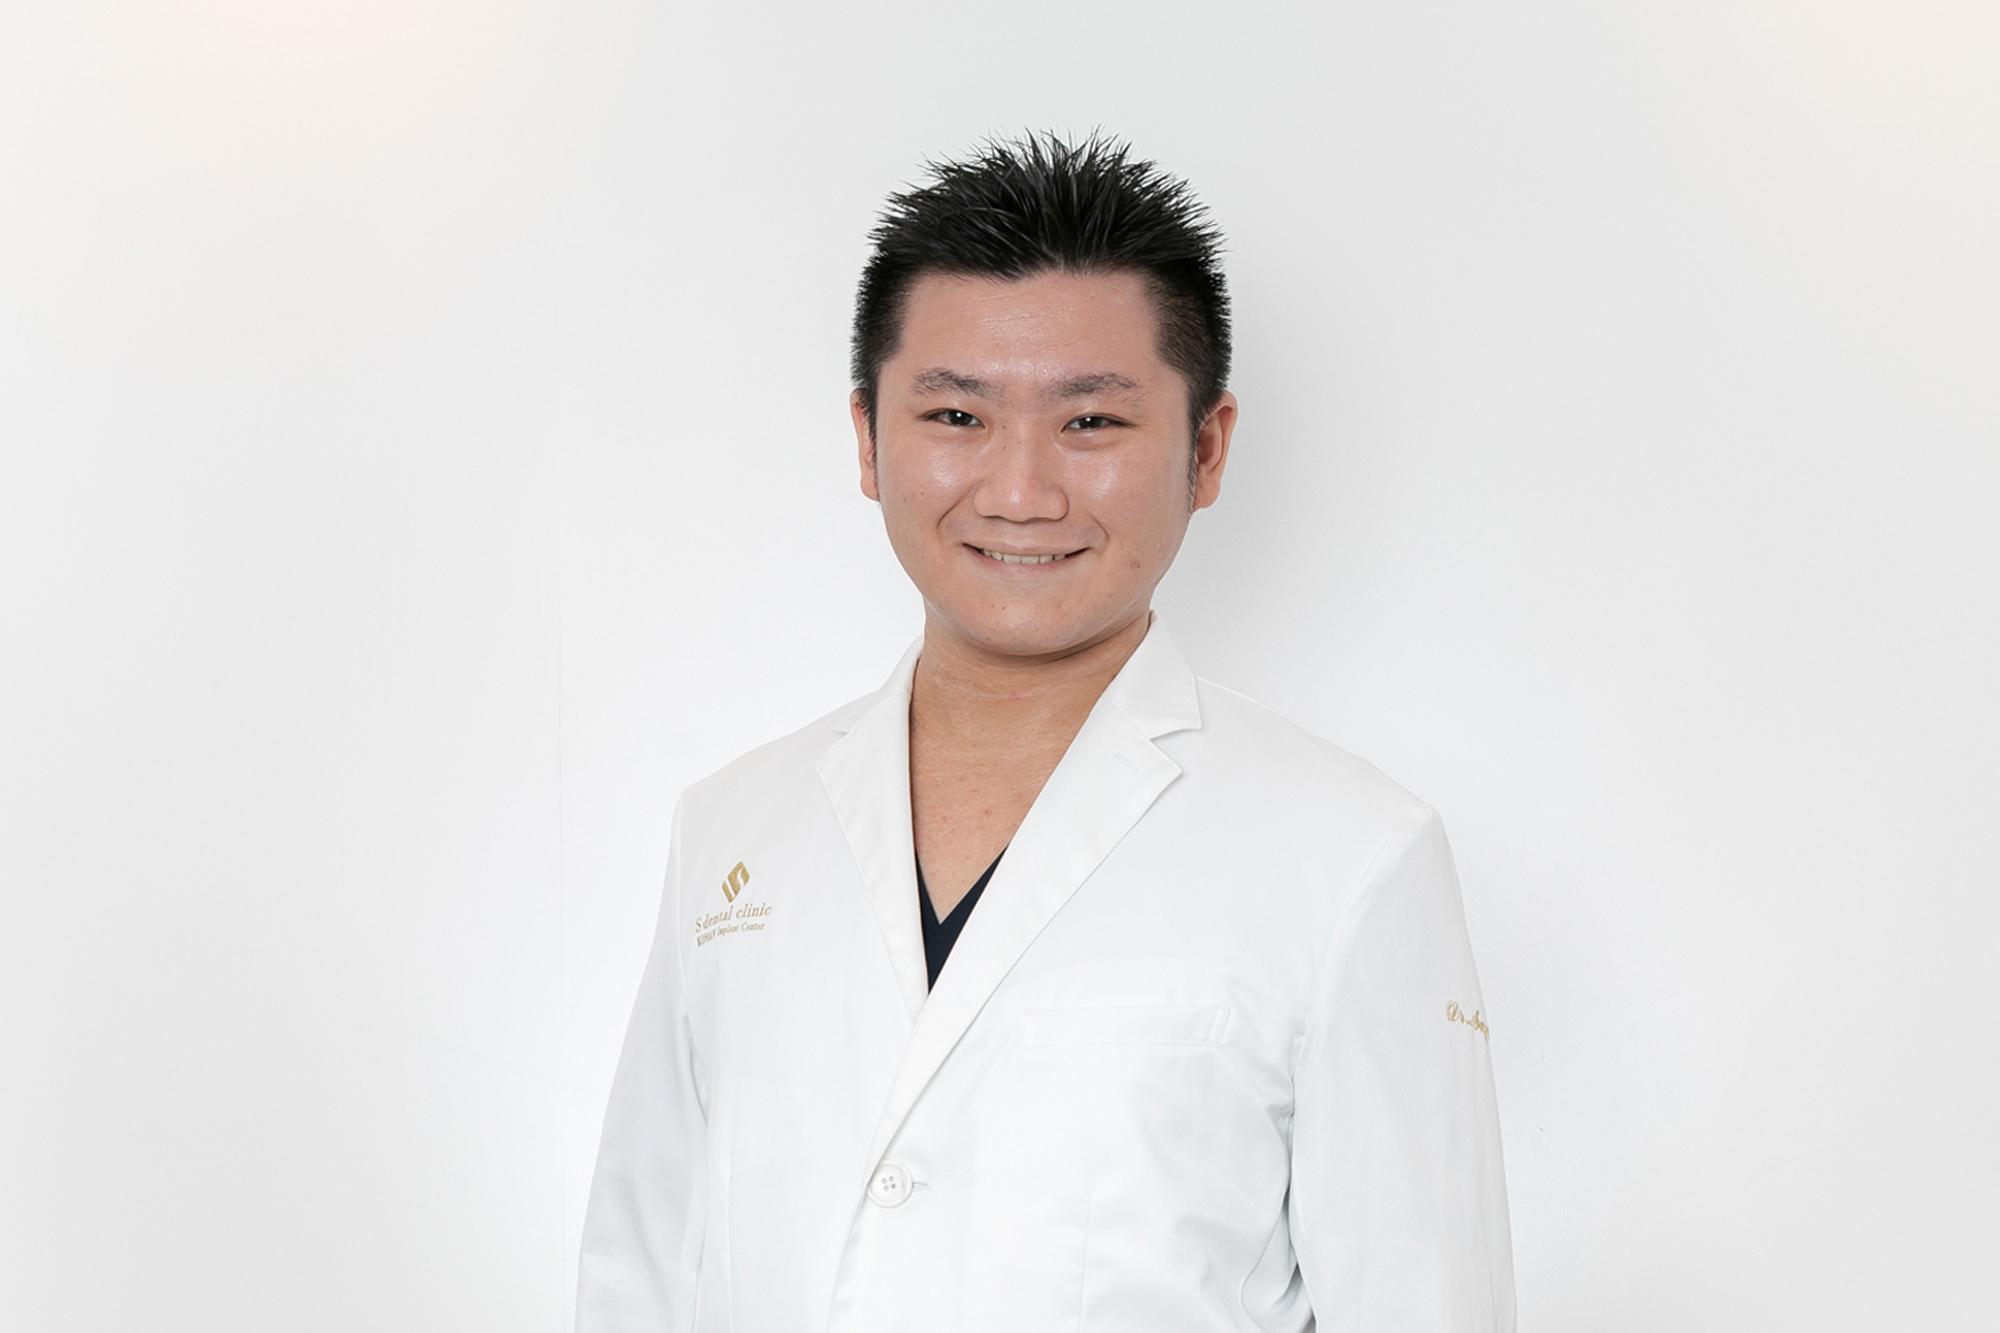 永沼槙一郎 ShinichiroNaganuma